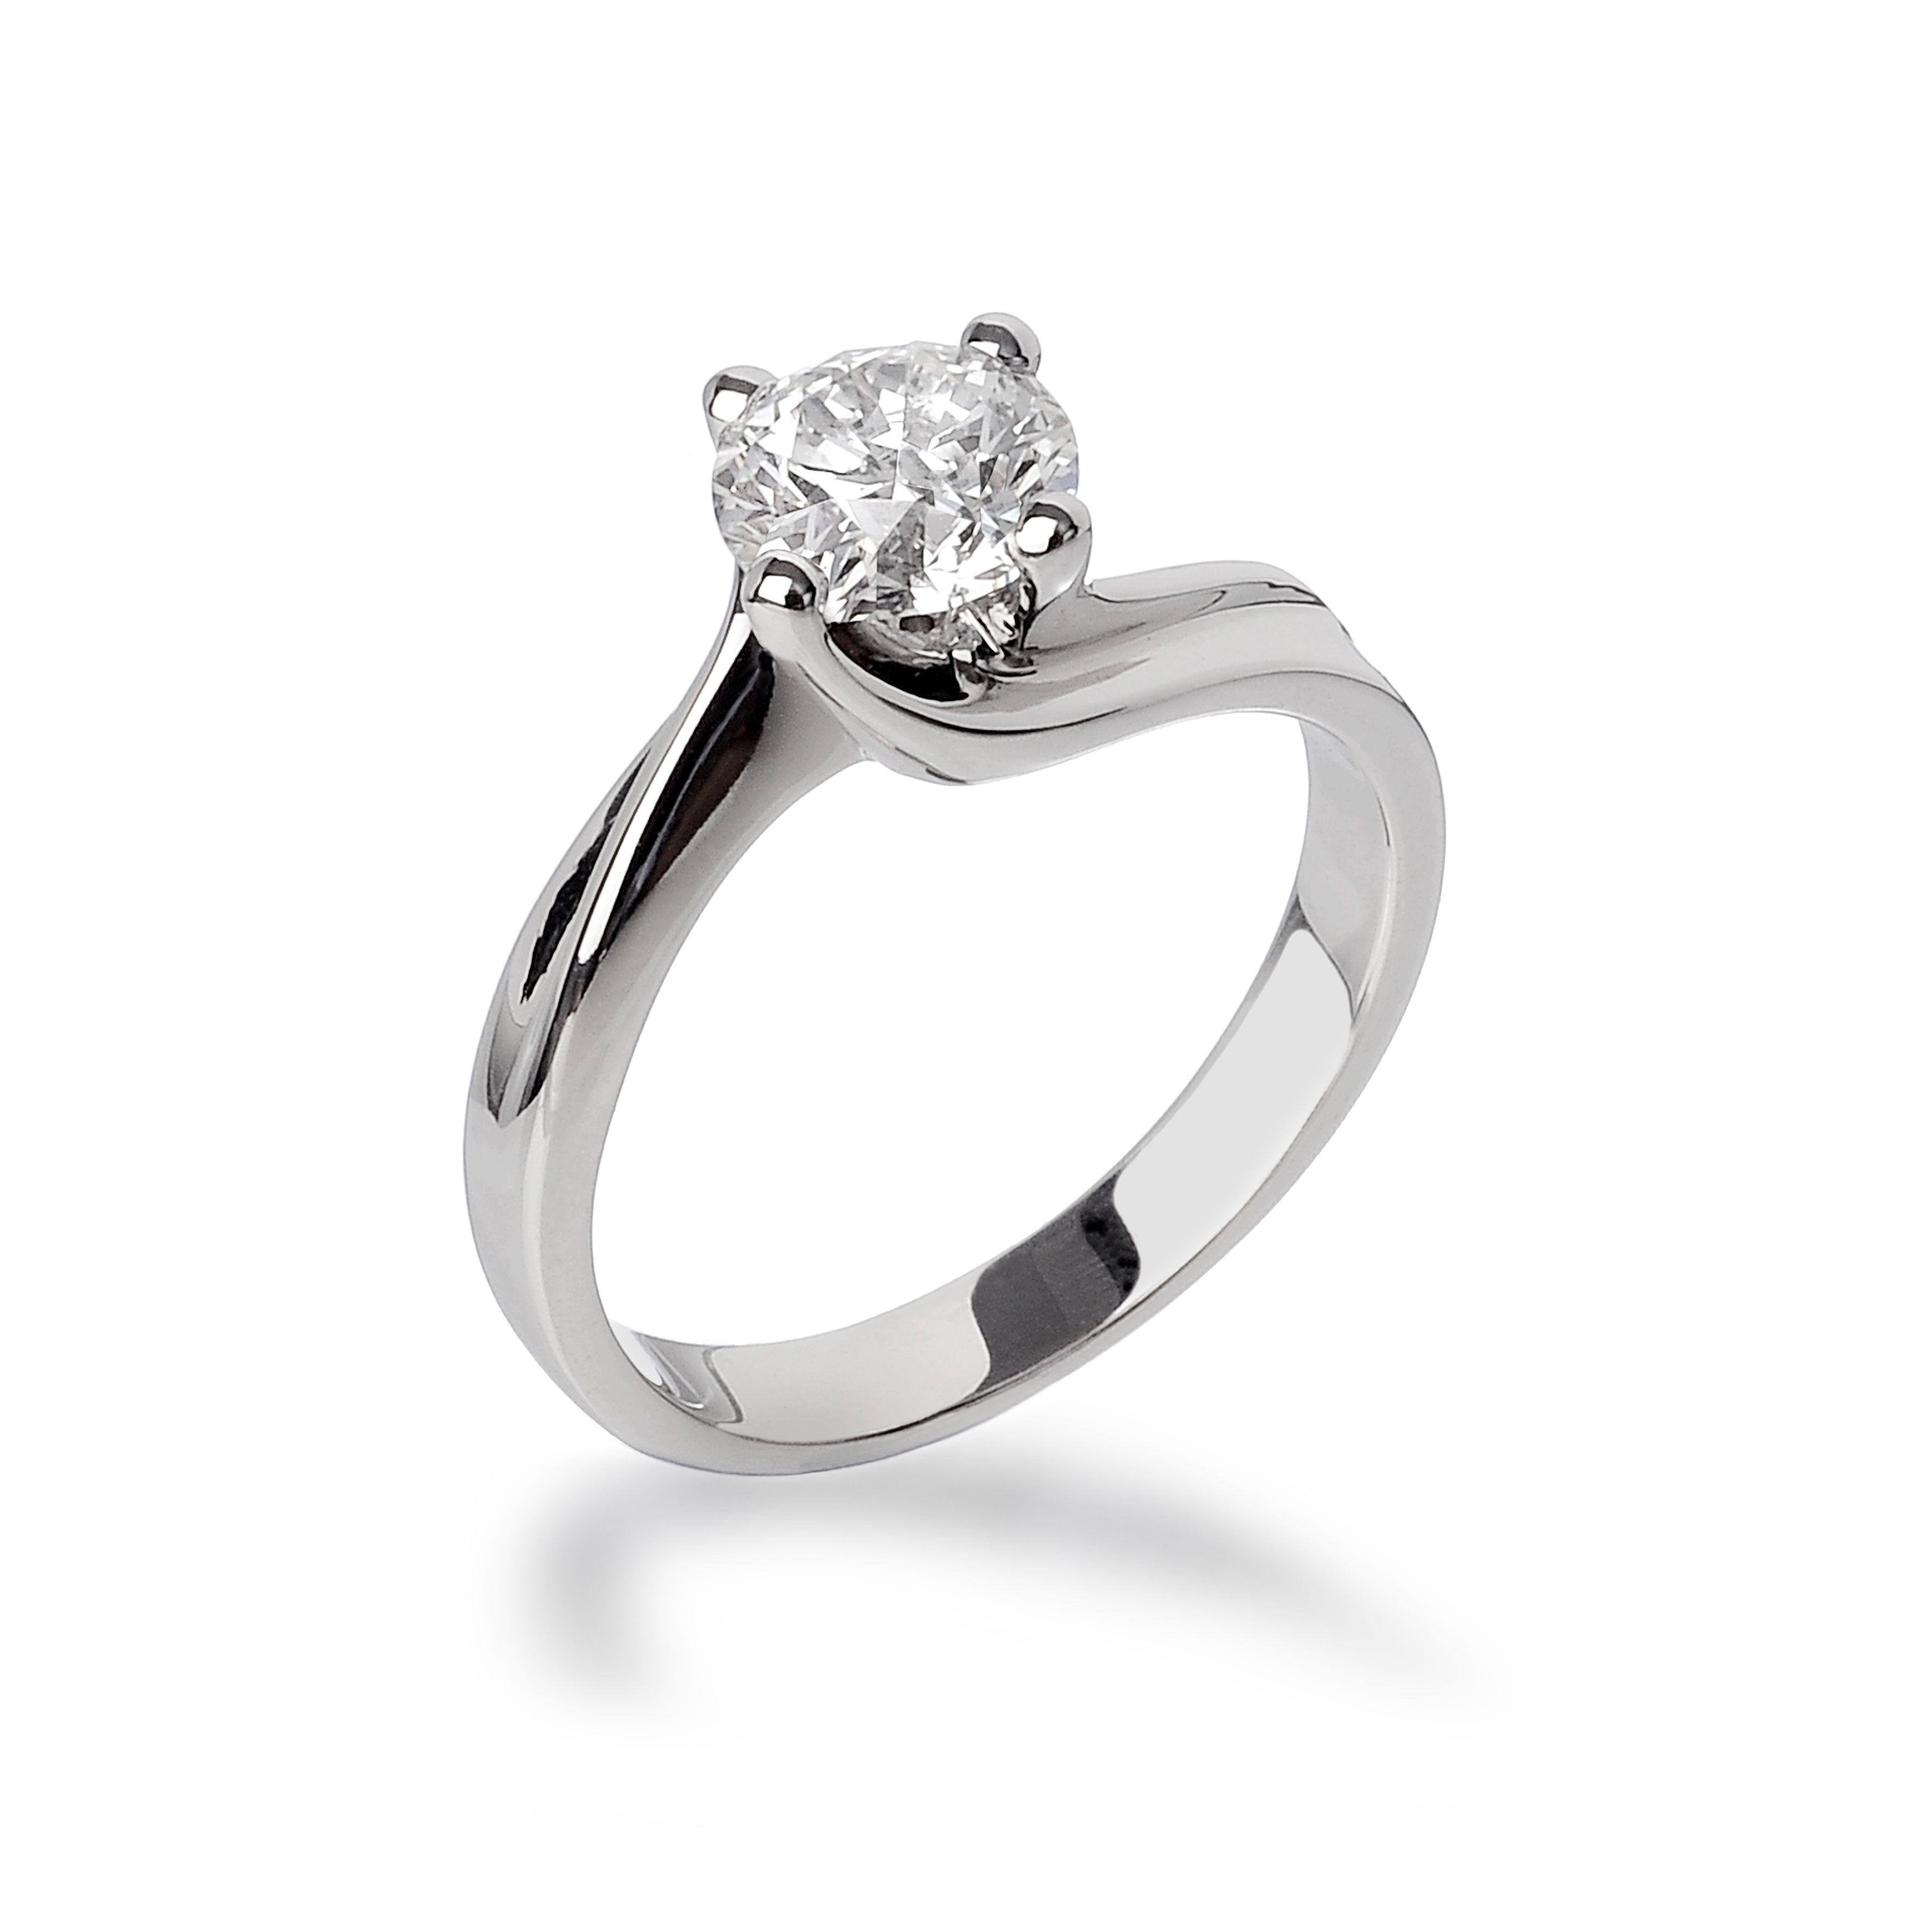 Valentina Anello Solitario In Oro Bianco Anelli Di Fidanzamento Con Diamanti Anelli Con Diamanti Anelli Di Fidanzamento Da Sogno